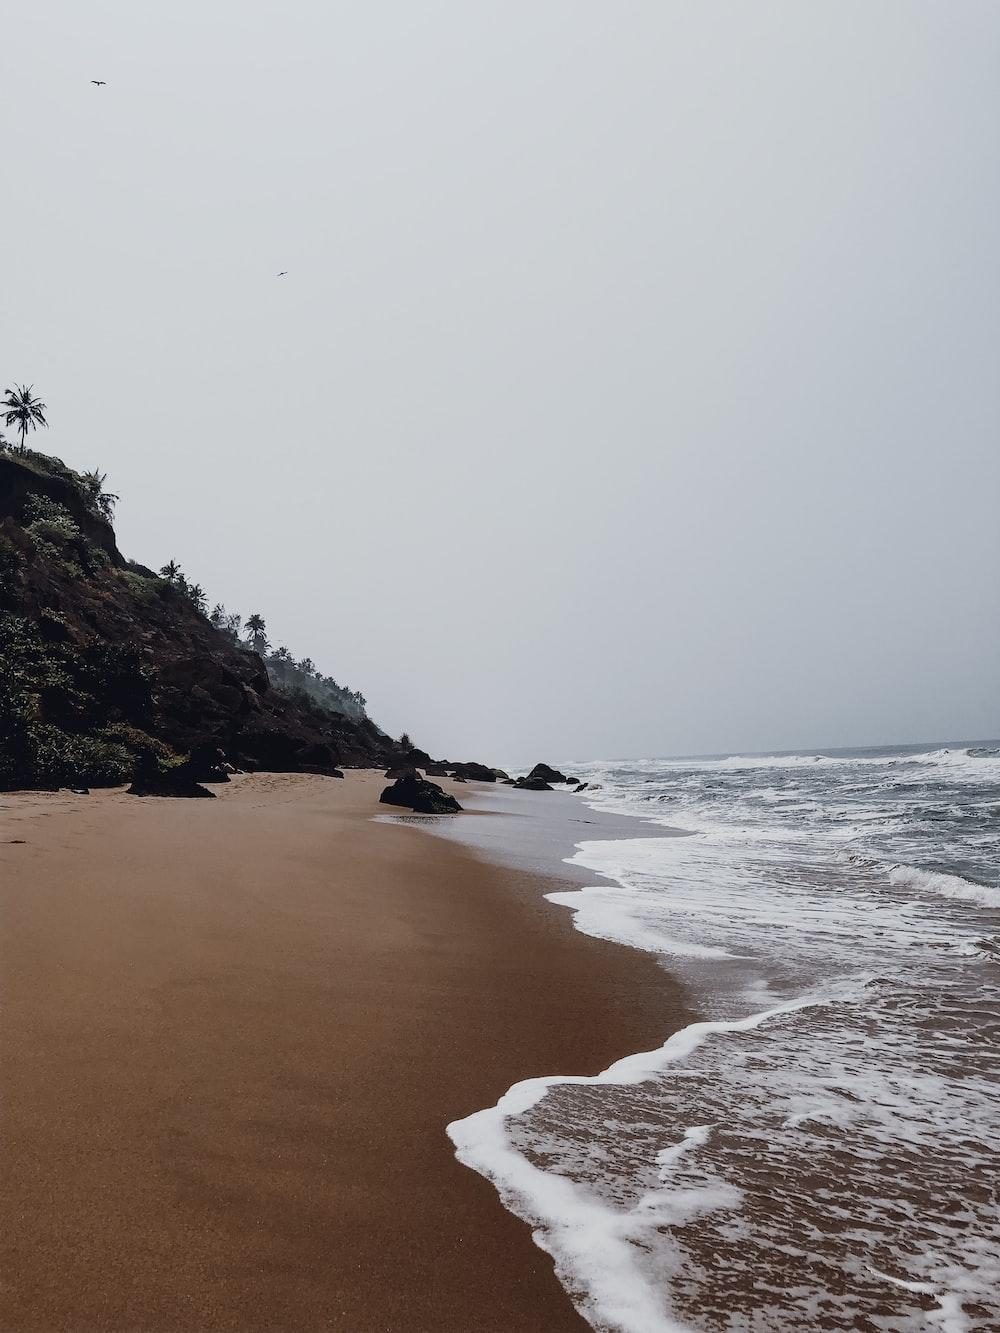 photo of shoreline during daytime